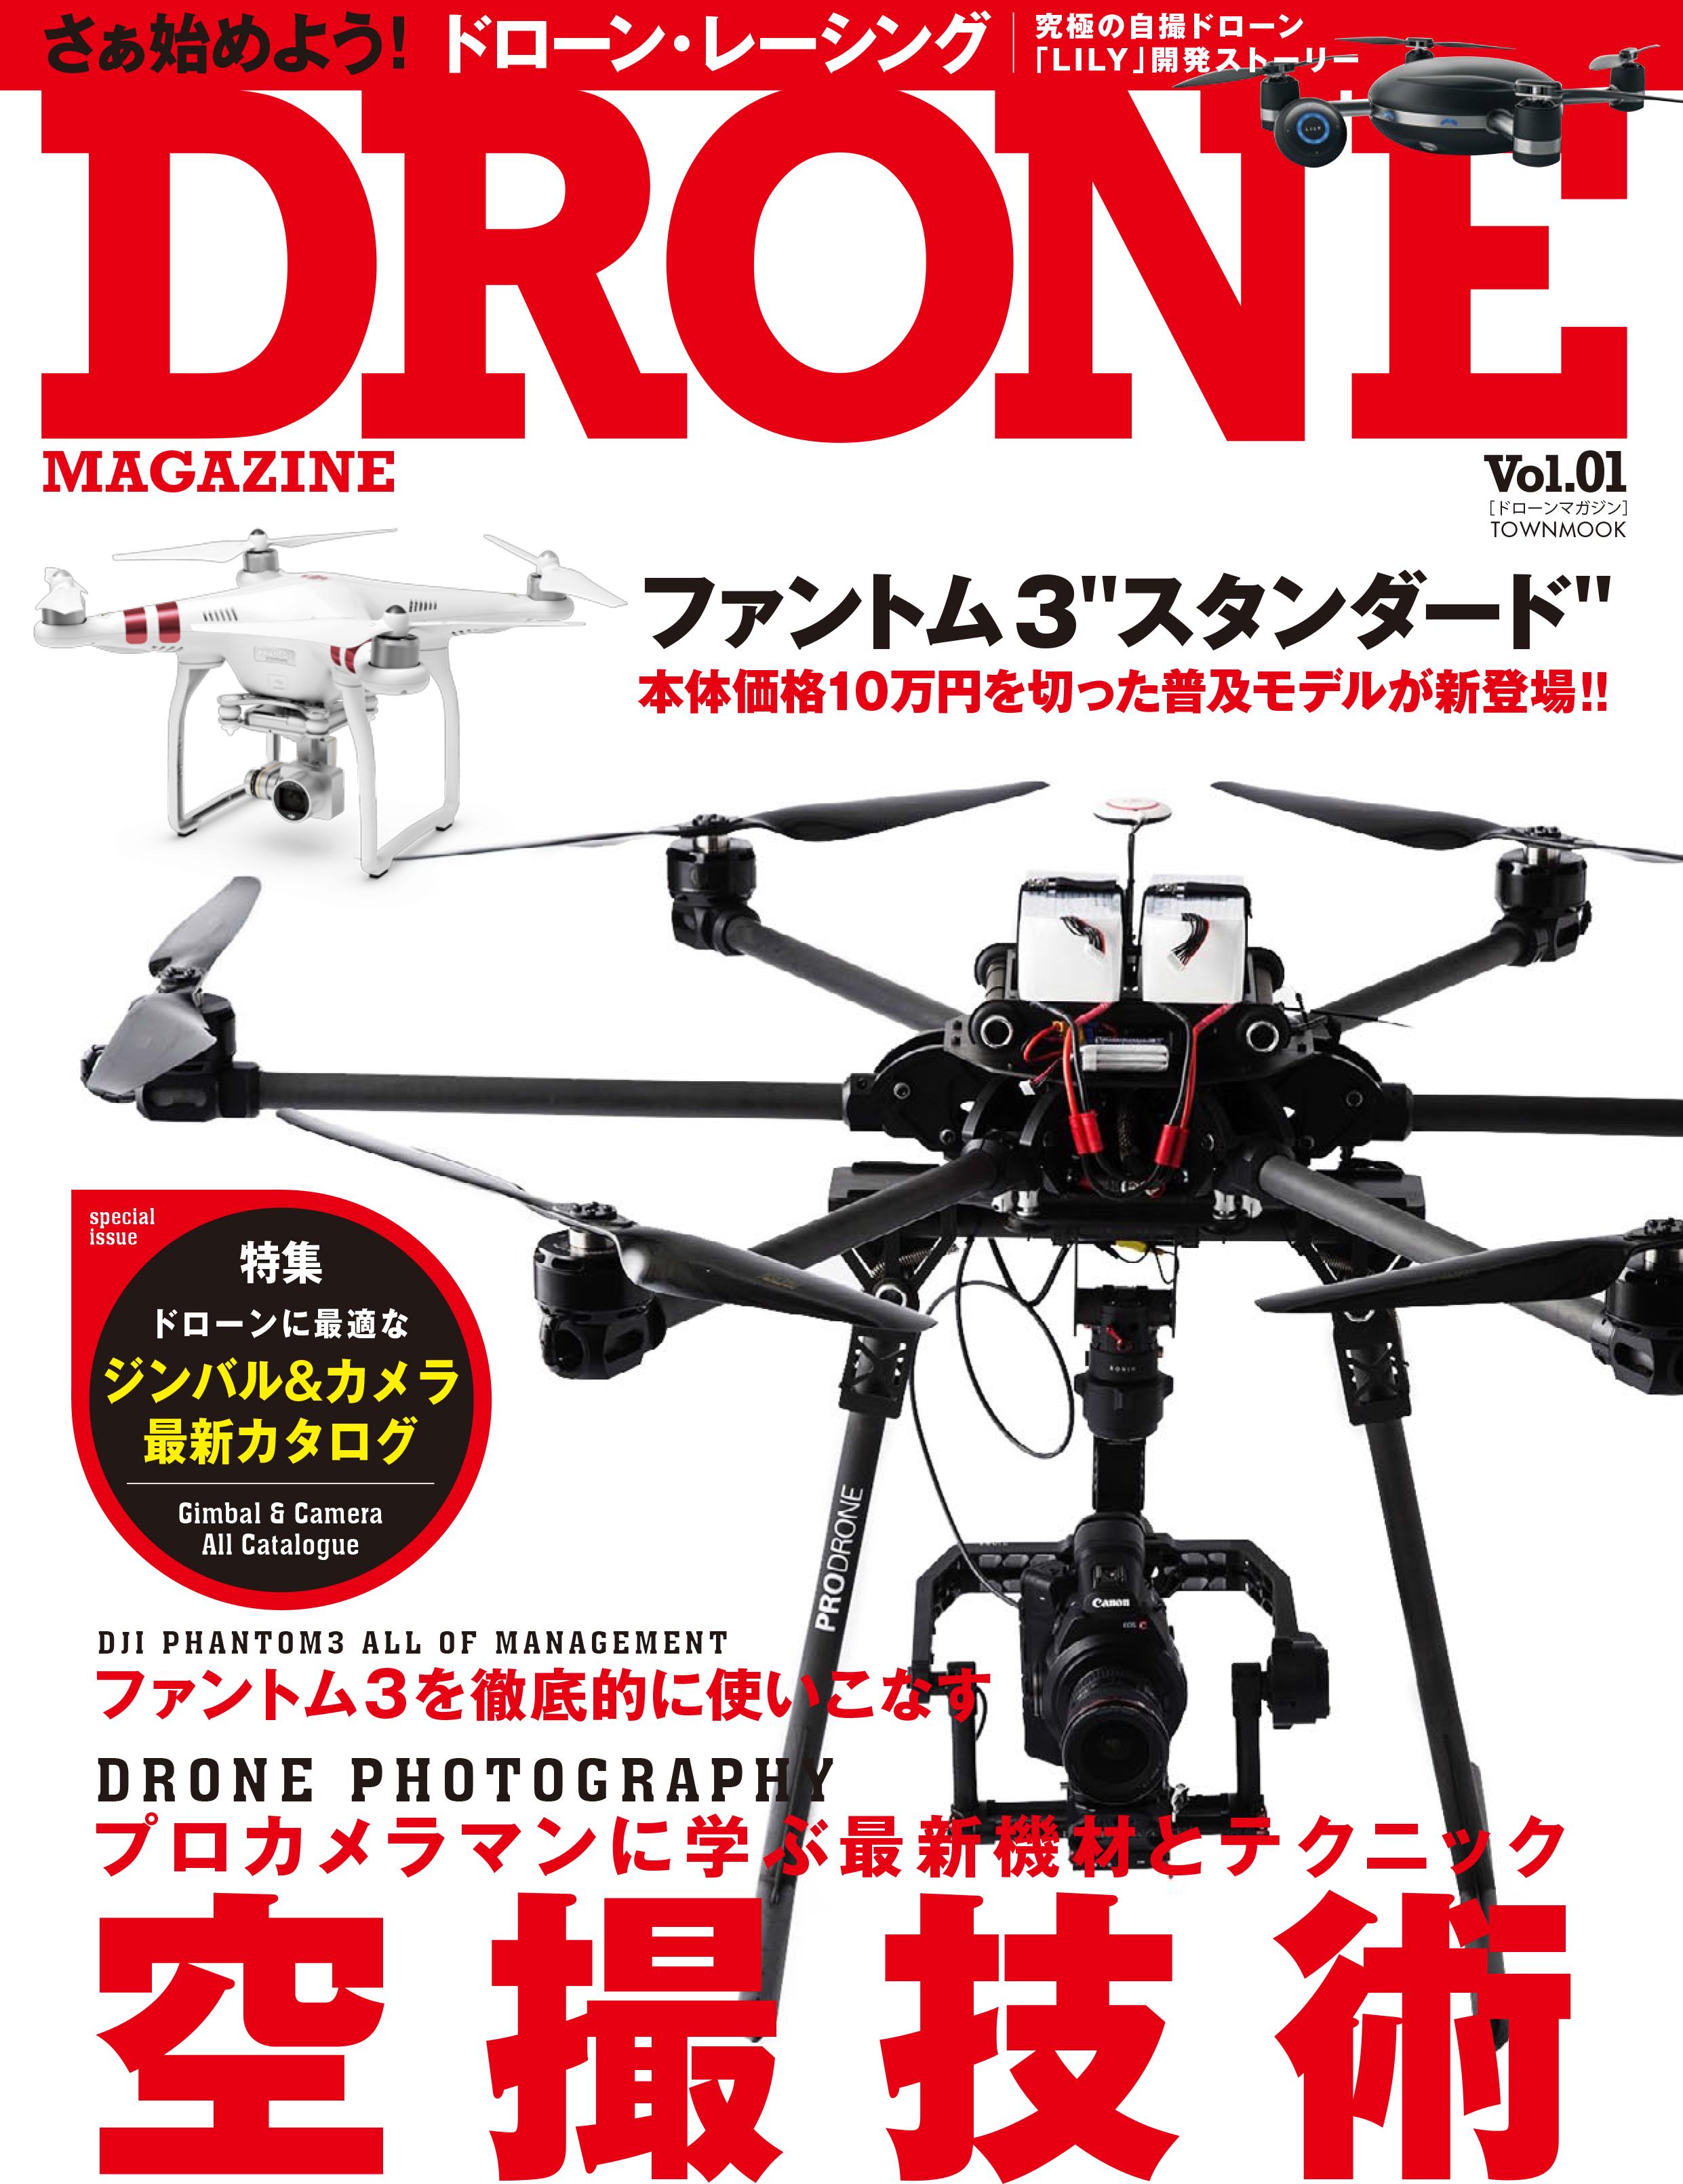 DRONE MAGAZINE Vol.01